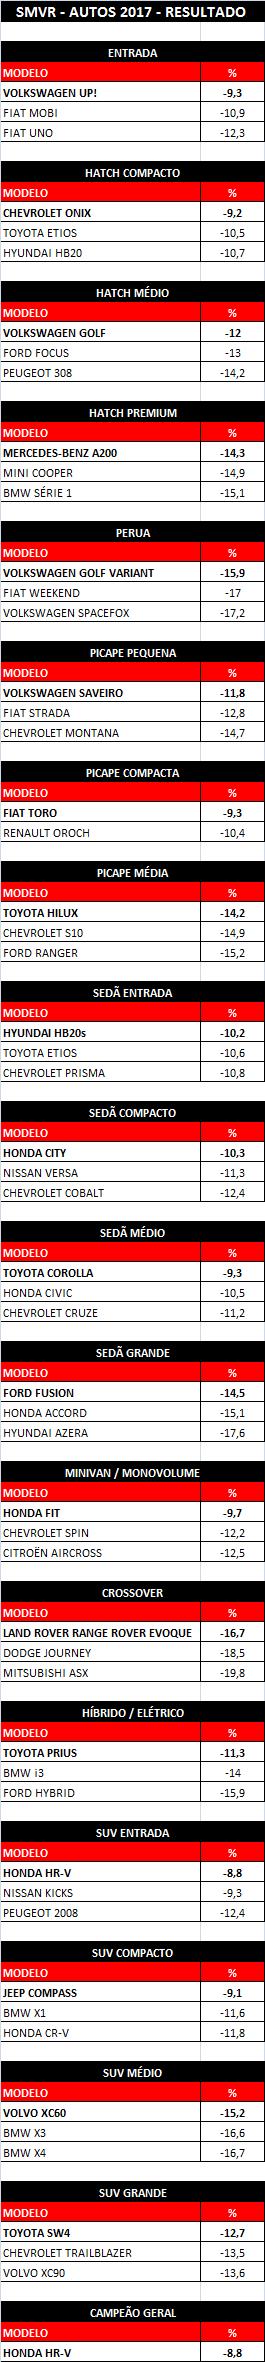 SMVR ganhadores autos17